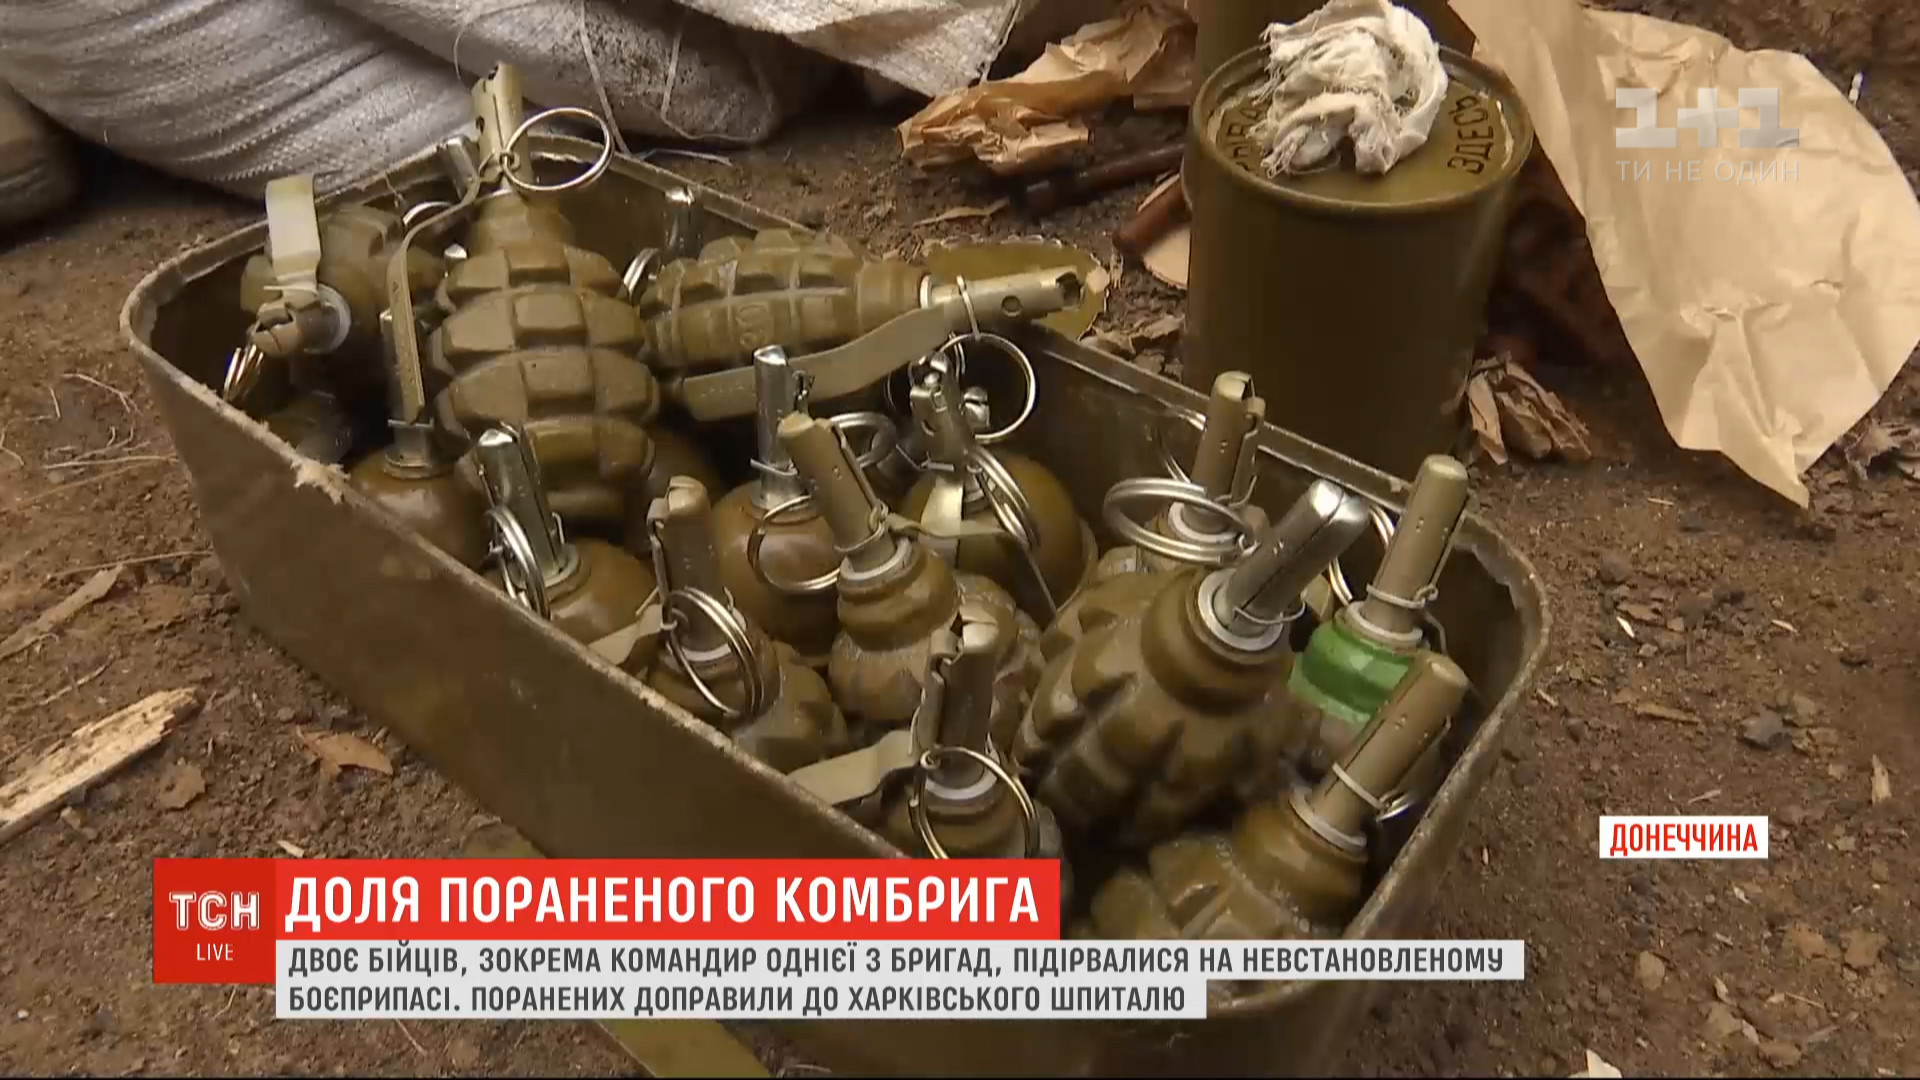 У Волновасі бійцям зробили першу операцію/ скріншот